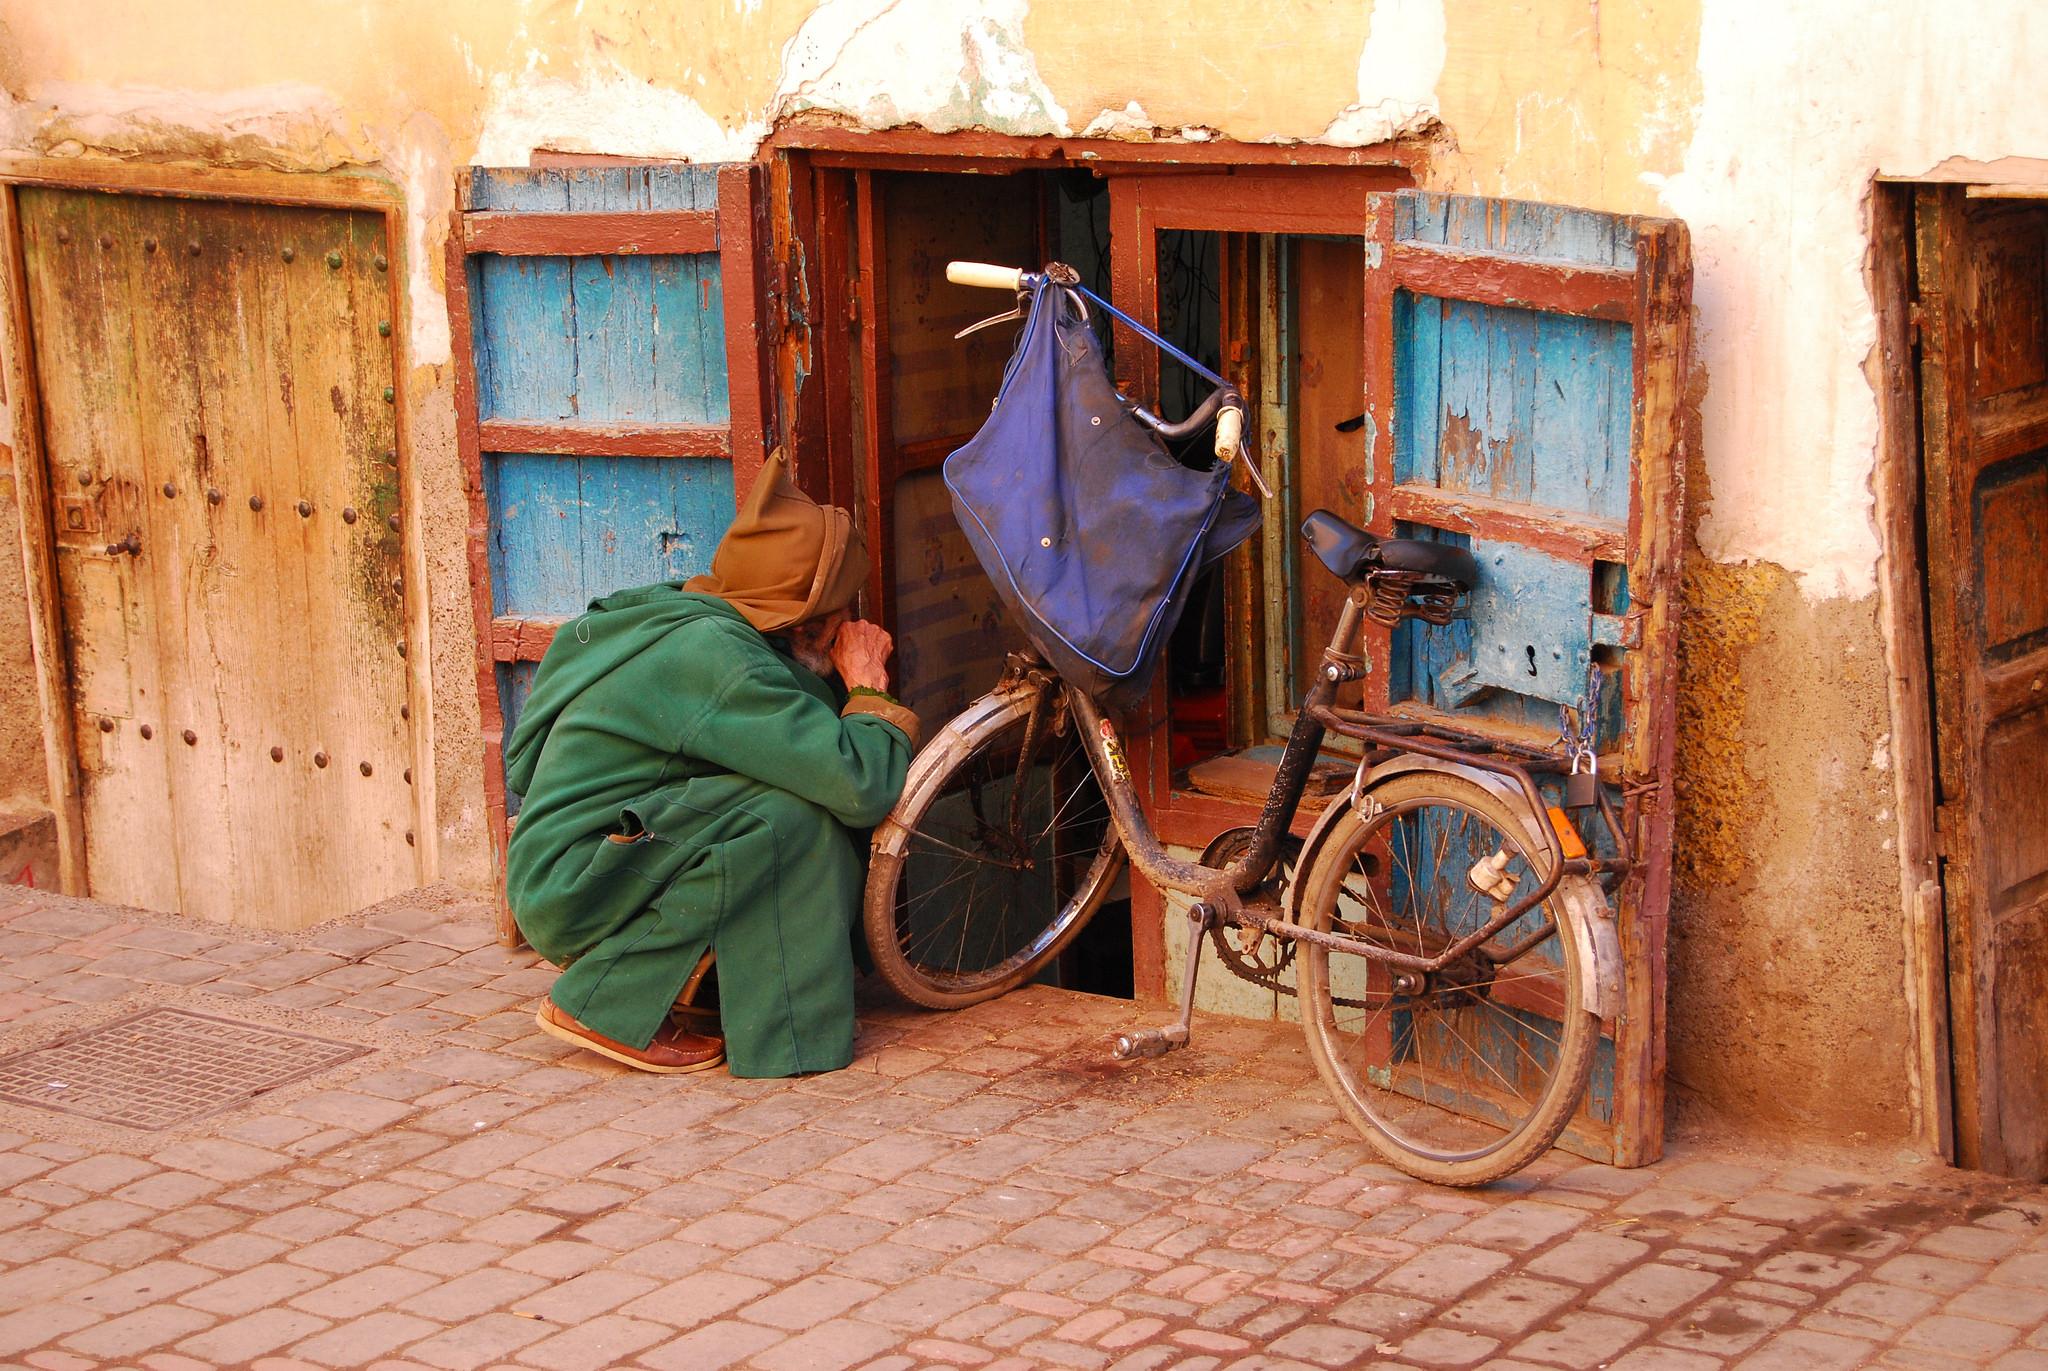 Scene di strada in Marocco (da Flickr - pic by Carlos ZGZ)